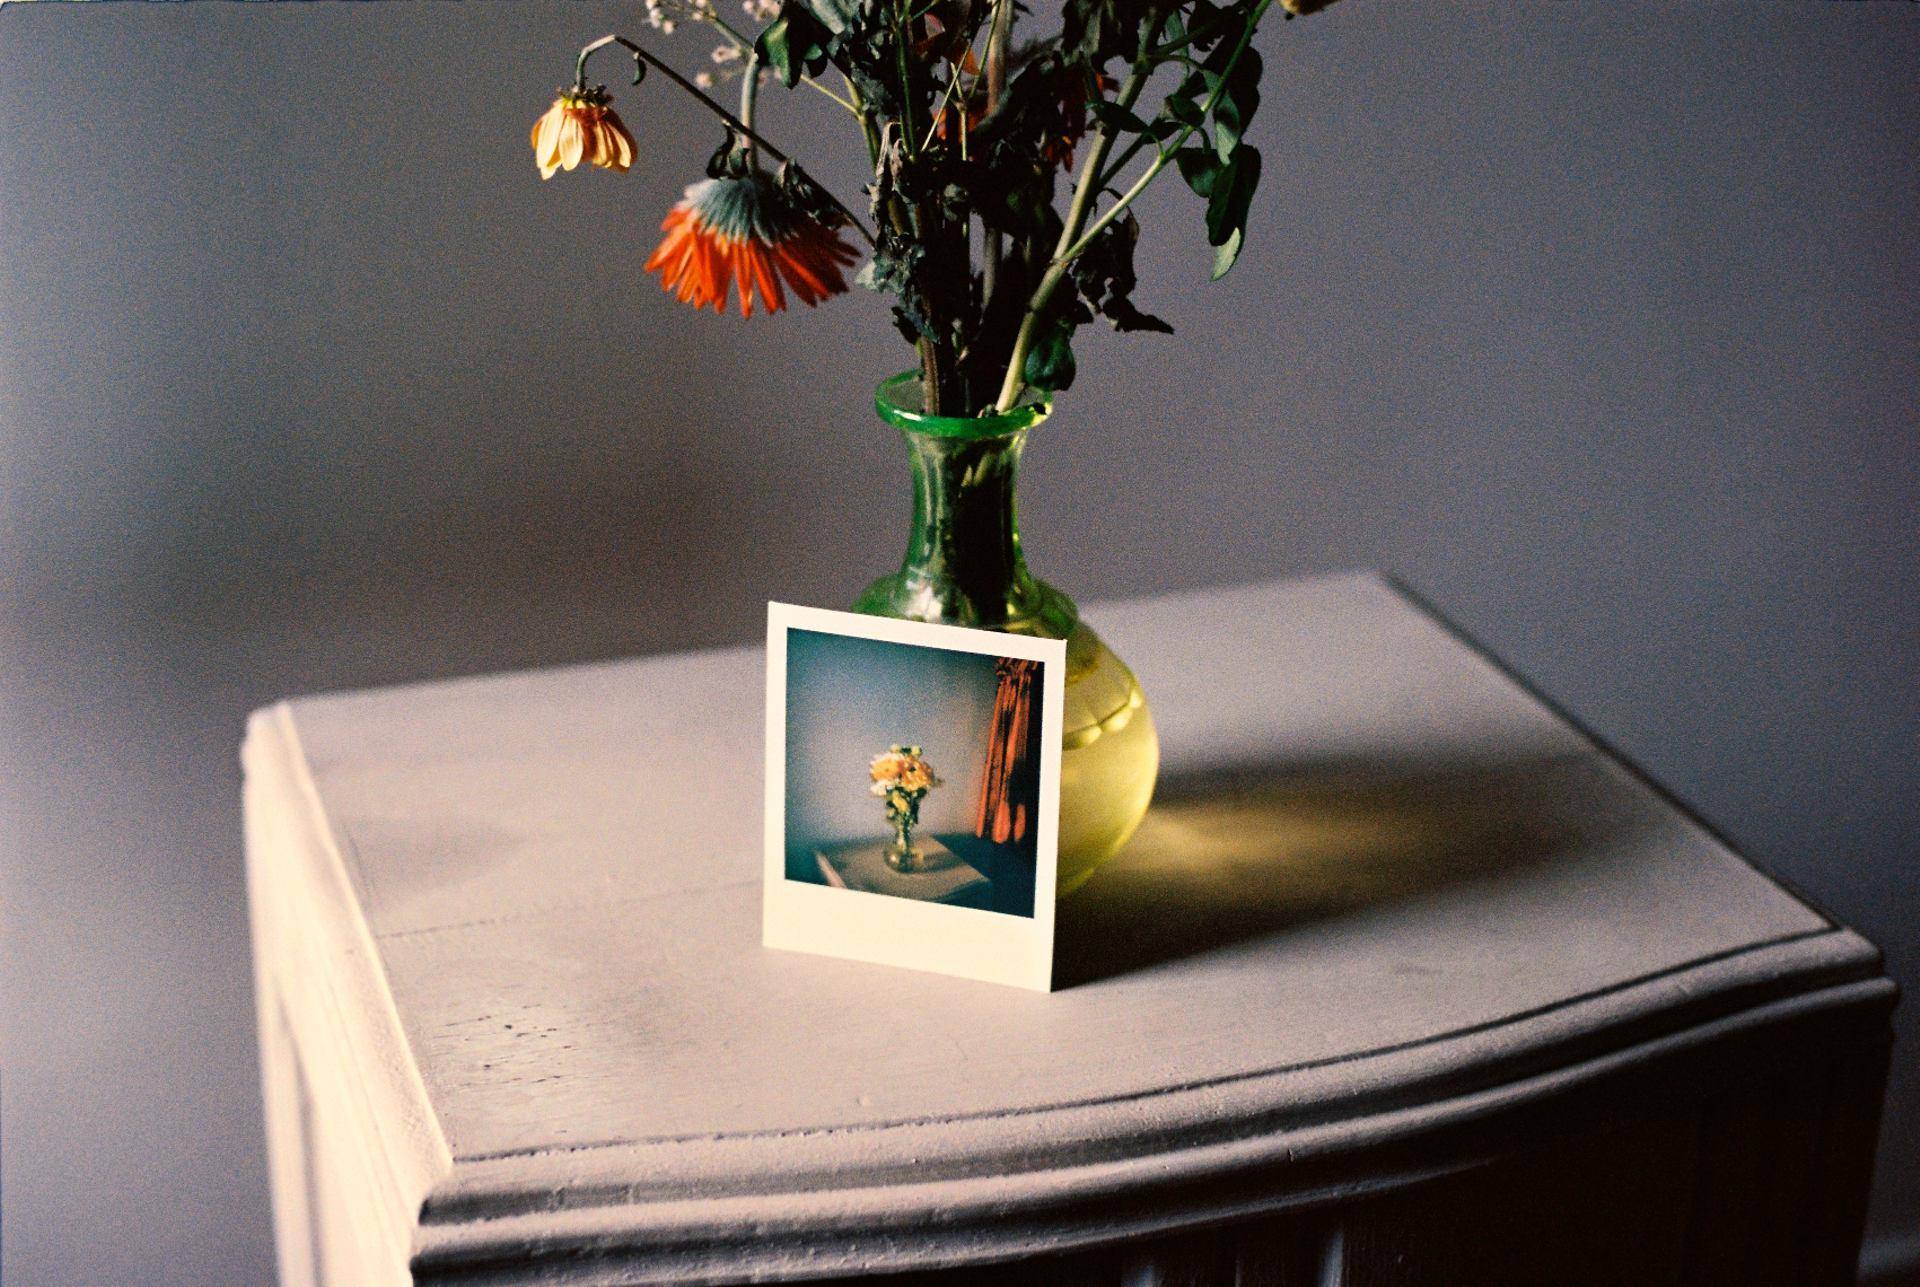 Nostalgie du bouquet de fleurs